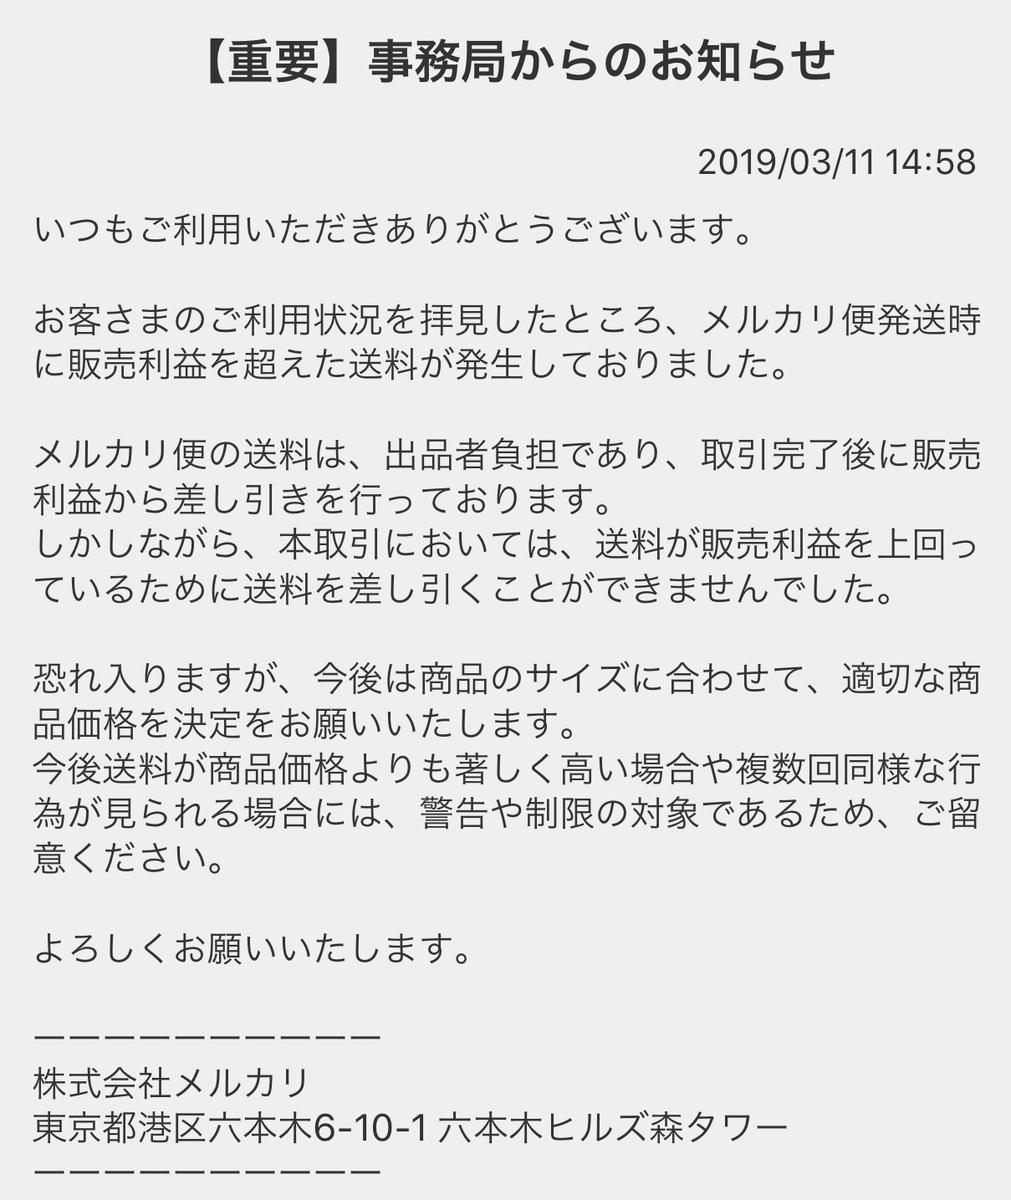 f:id:hyzuki:20190415141218j:plain